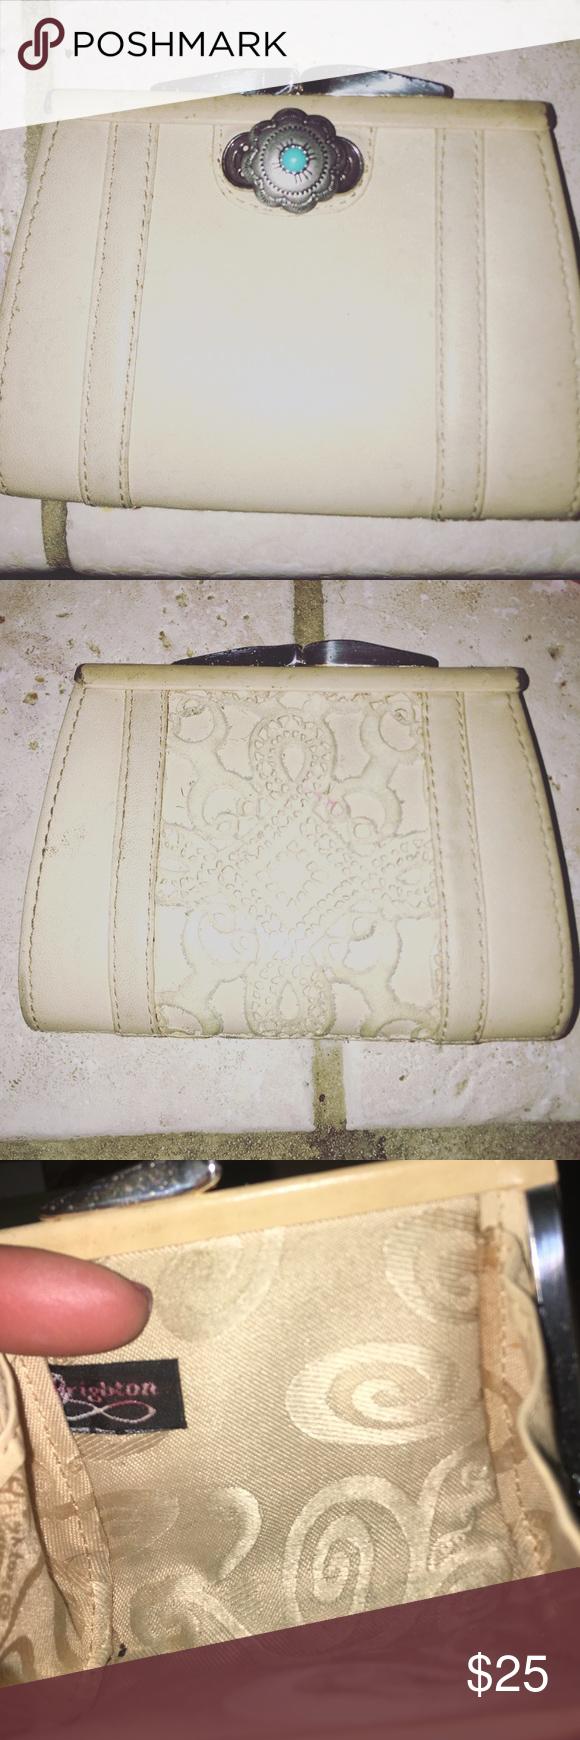 Vintage Brighton coin purse wallet Vintage condition Brighton Bags Wallets